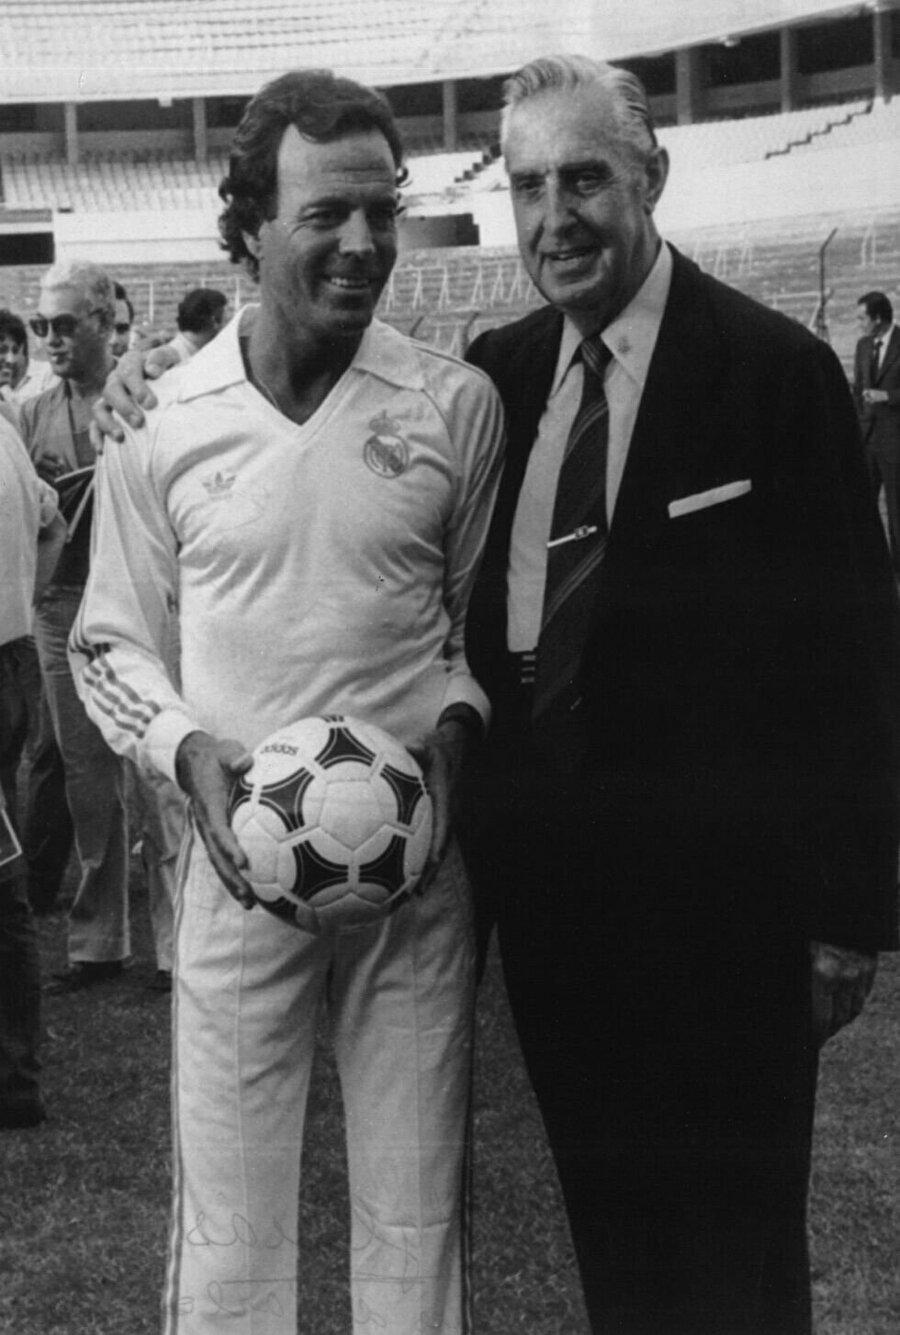 Müzik dünyasının Kadife Sesli yıldızı yıllar yıllar sonra Real Madrid formasını giyip gazetecilere poz verdi.